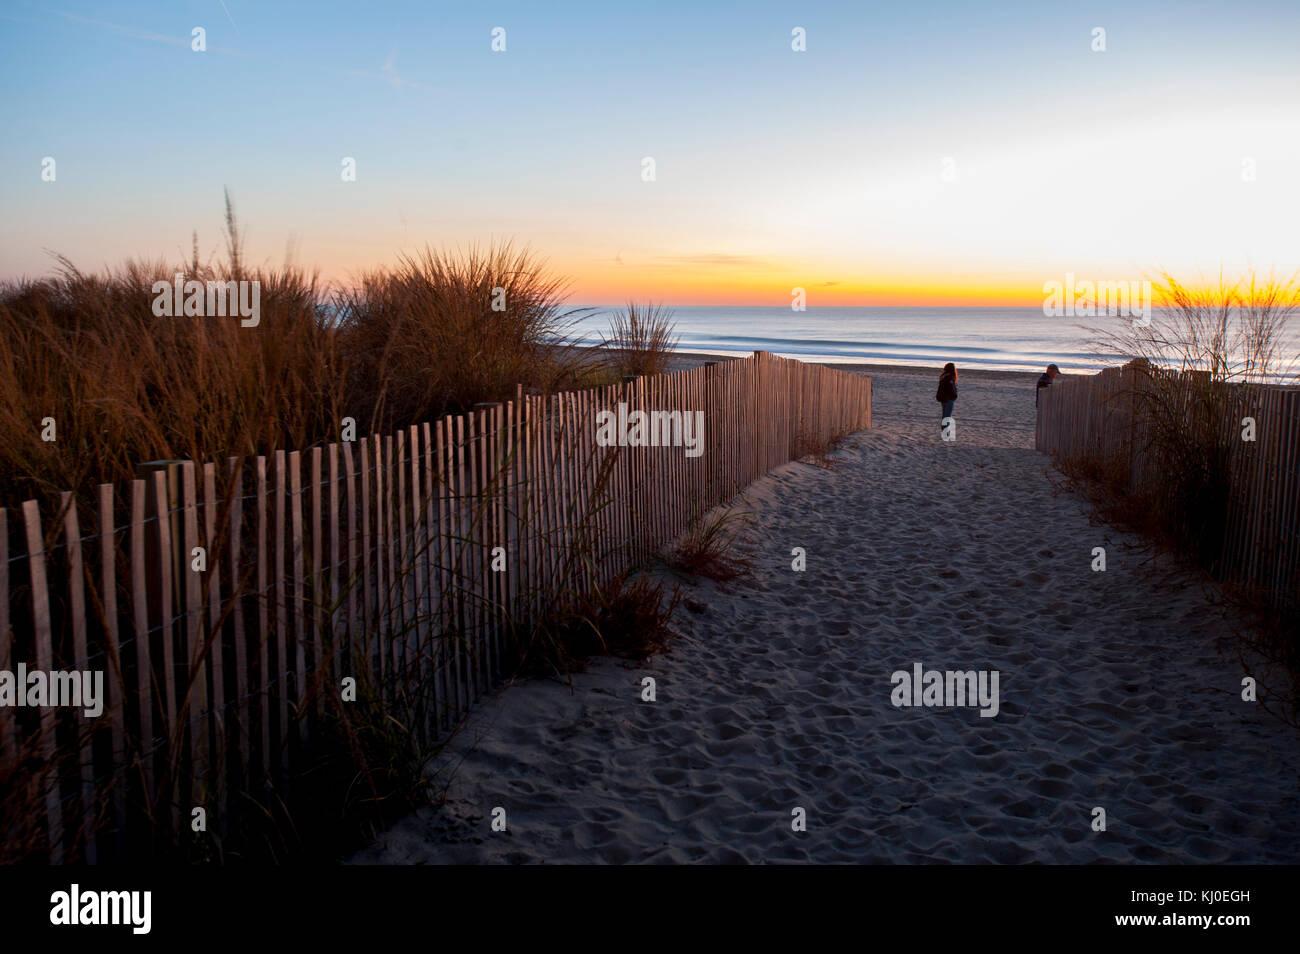 usa-maryland-md-ocean-city-beach-at-sunr